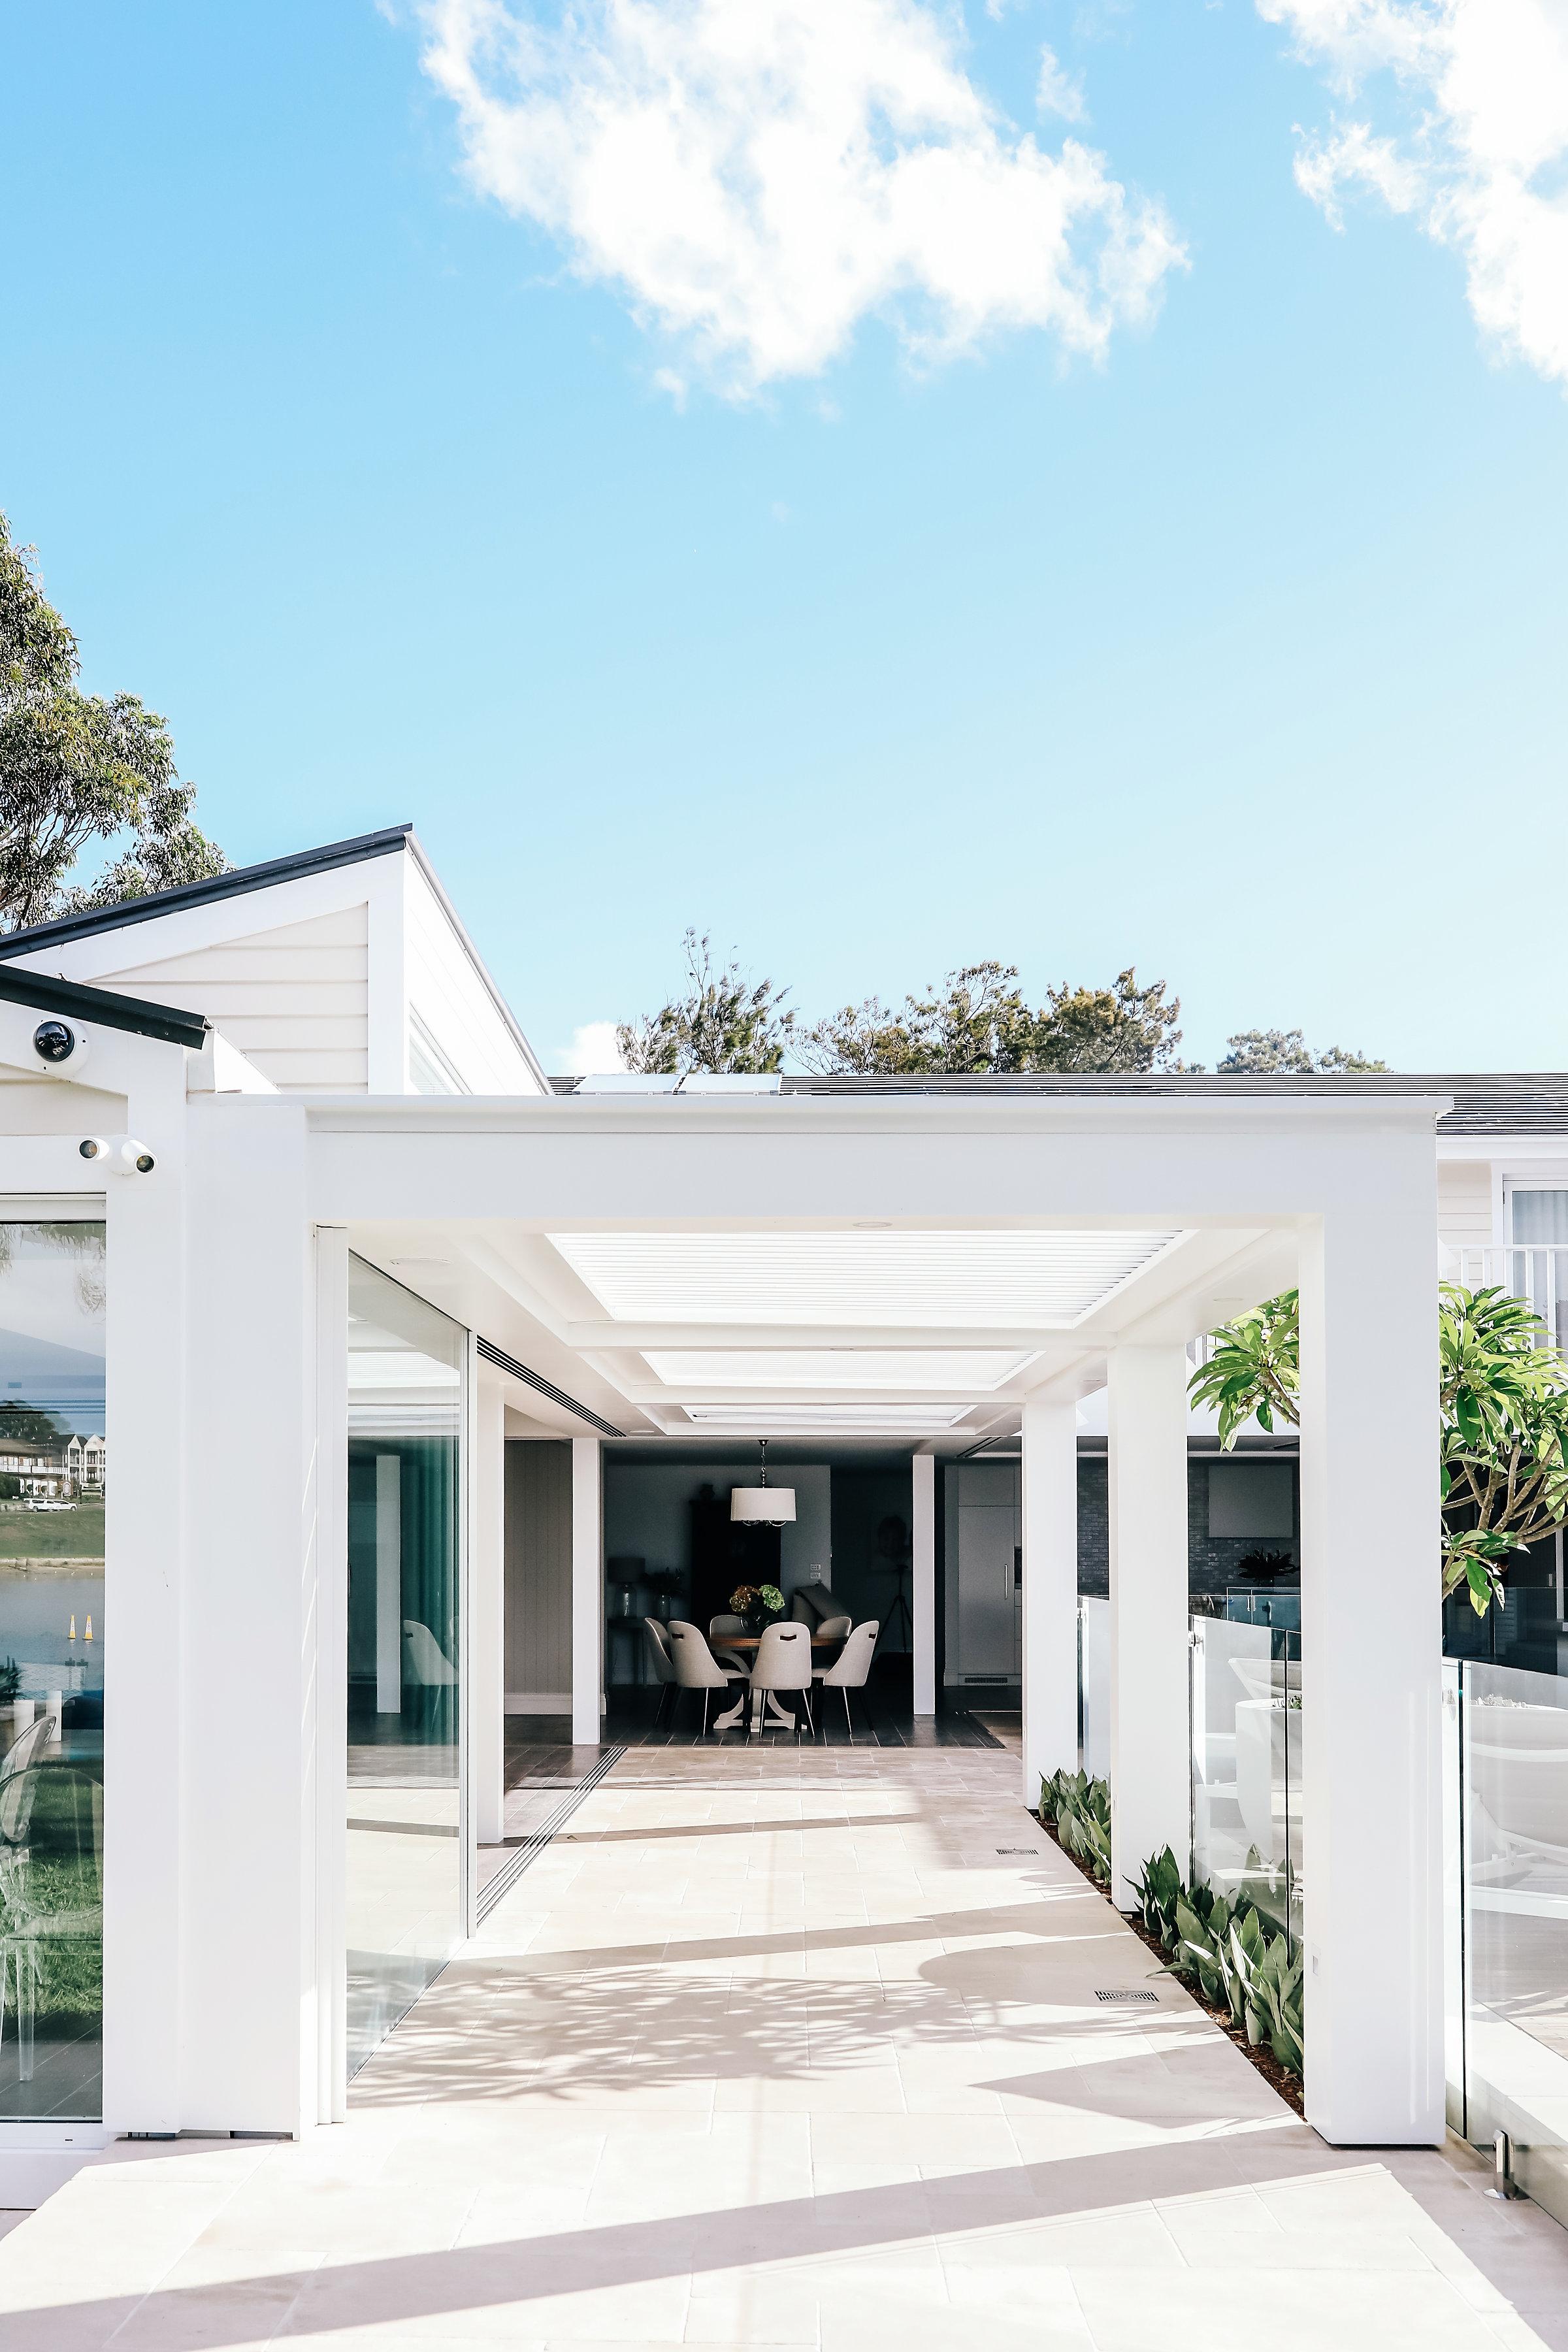 Bespoke designed awning, limestone tiling and pool area.